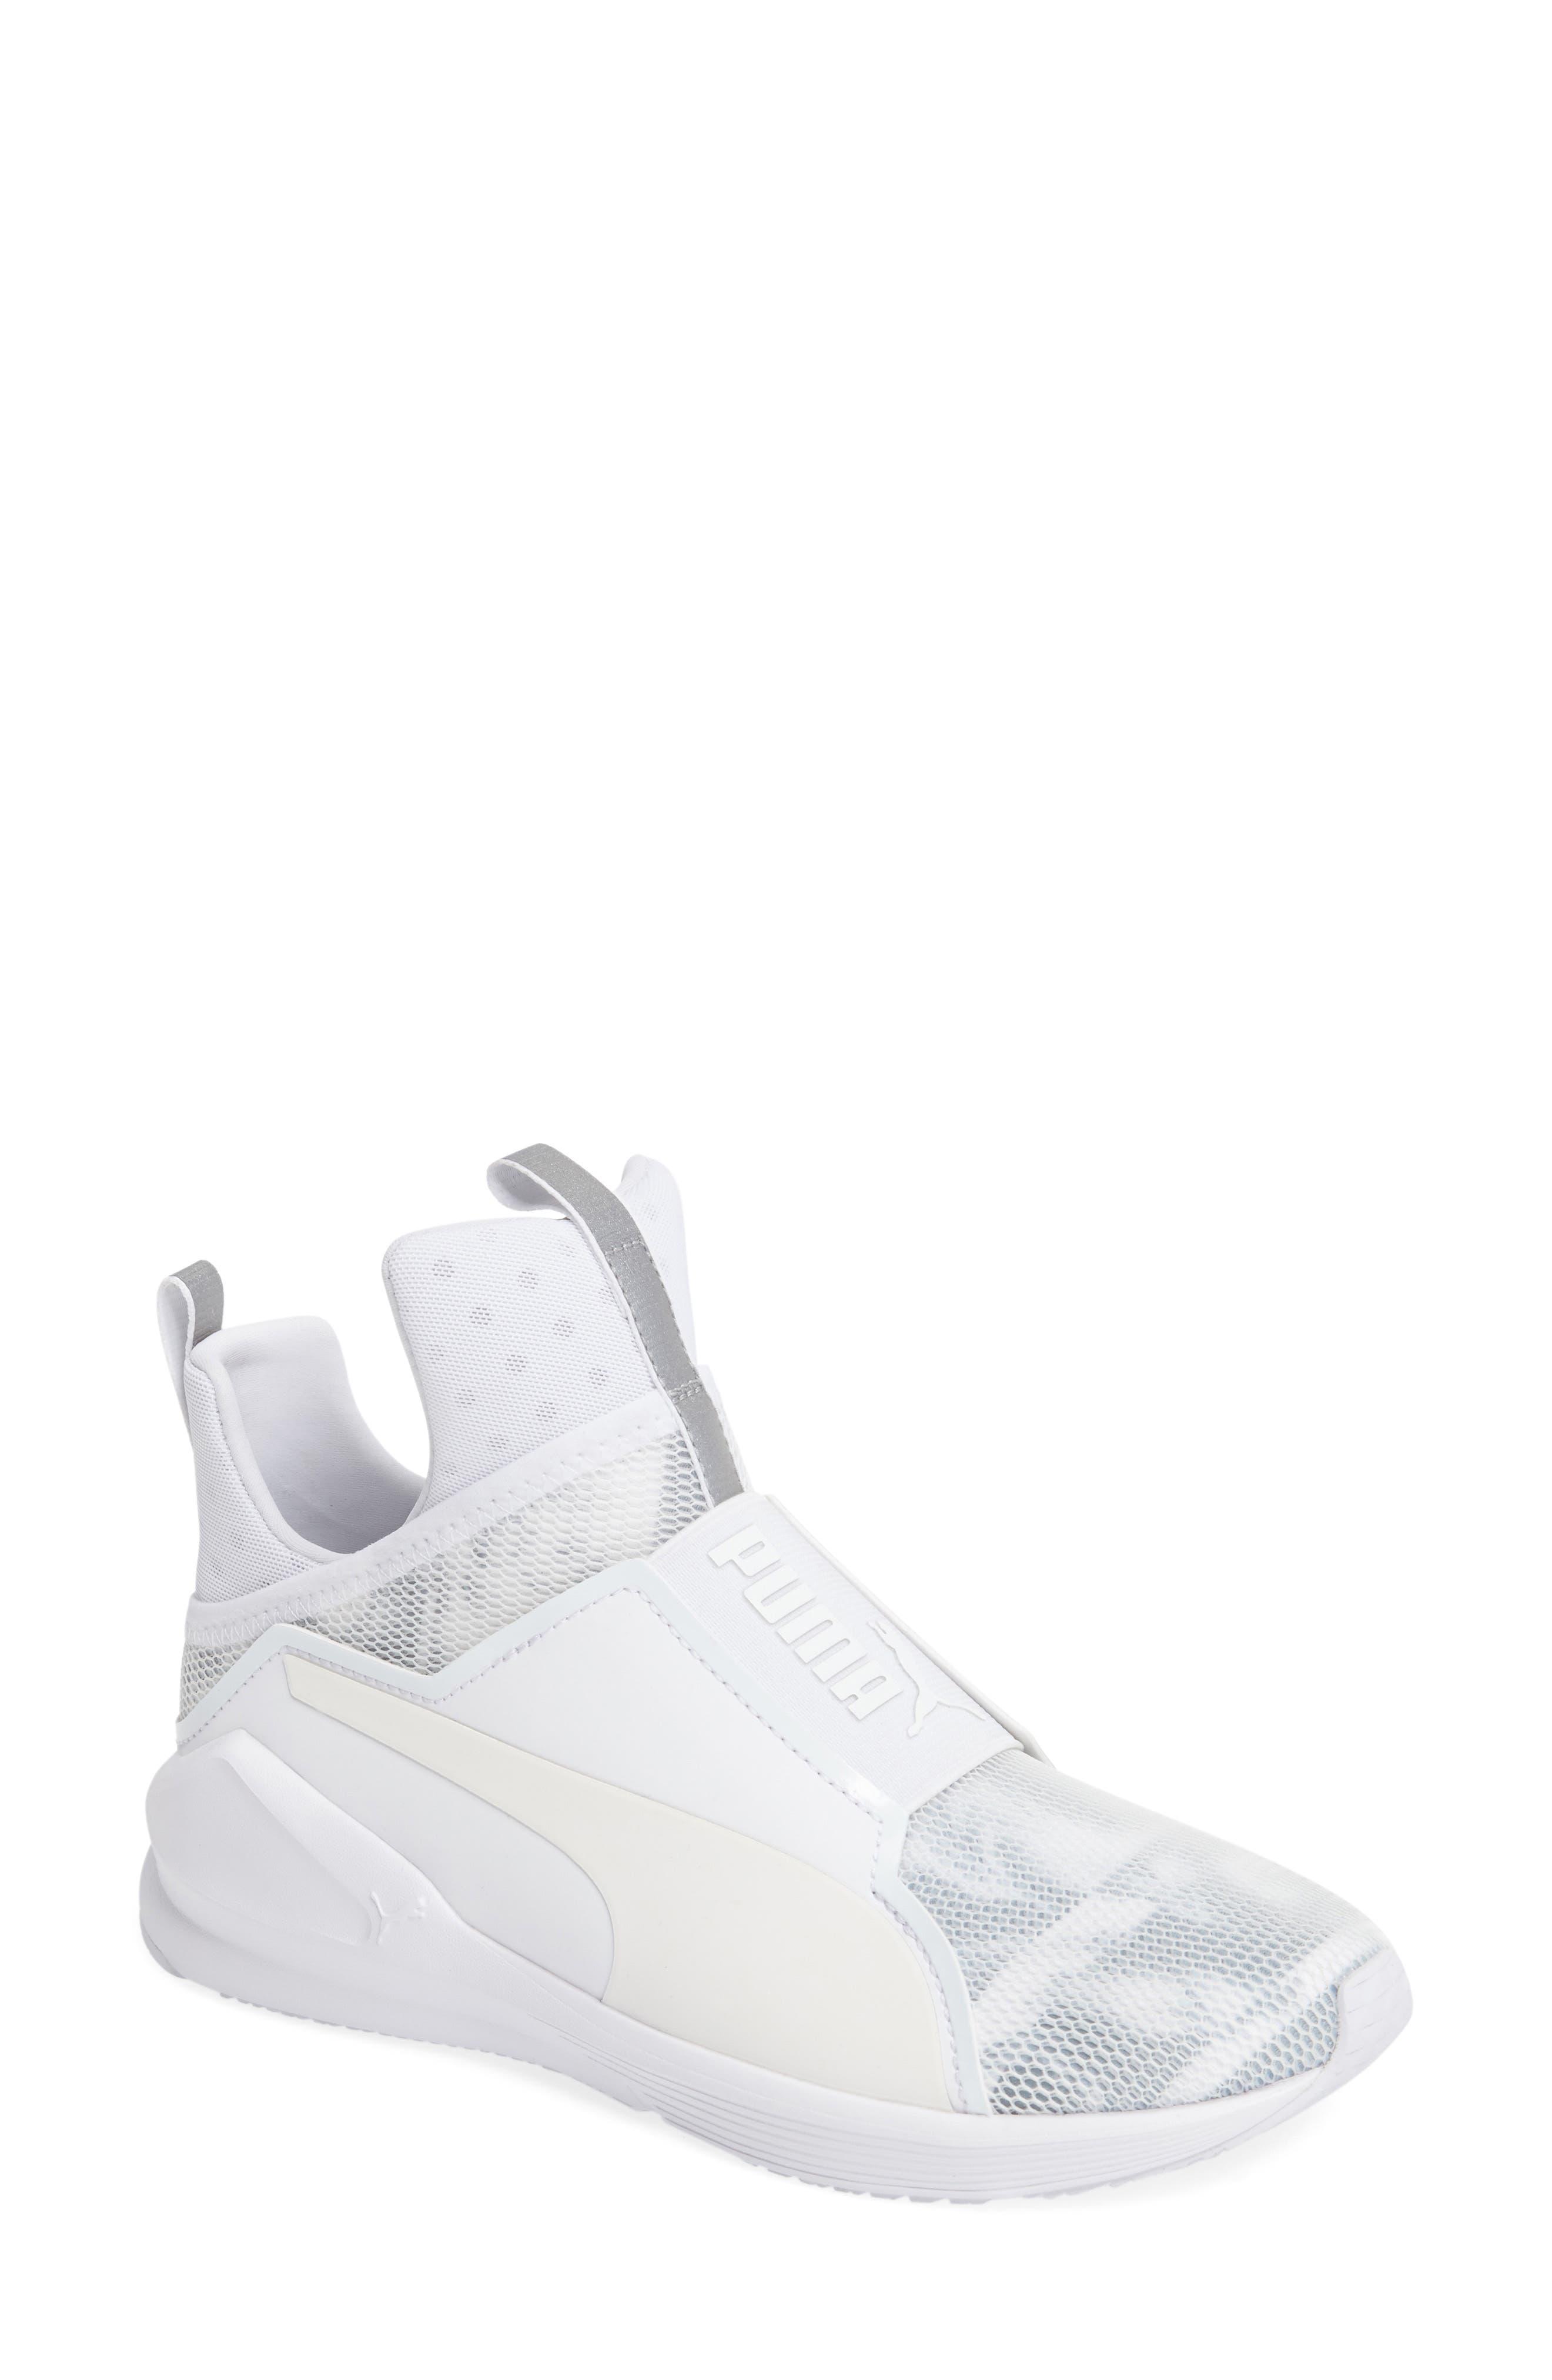 PUMA Fierce Strap Swan Training Sneaker